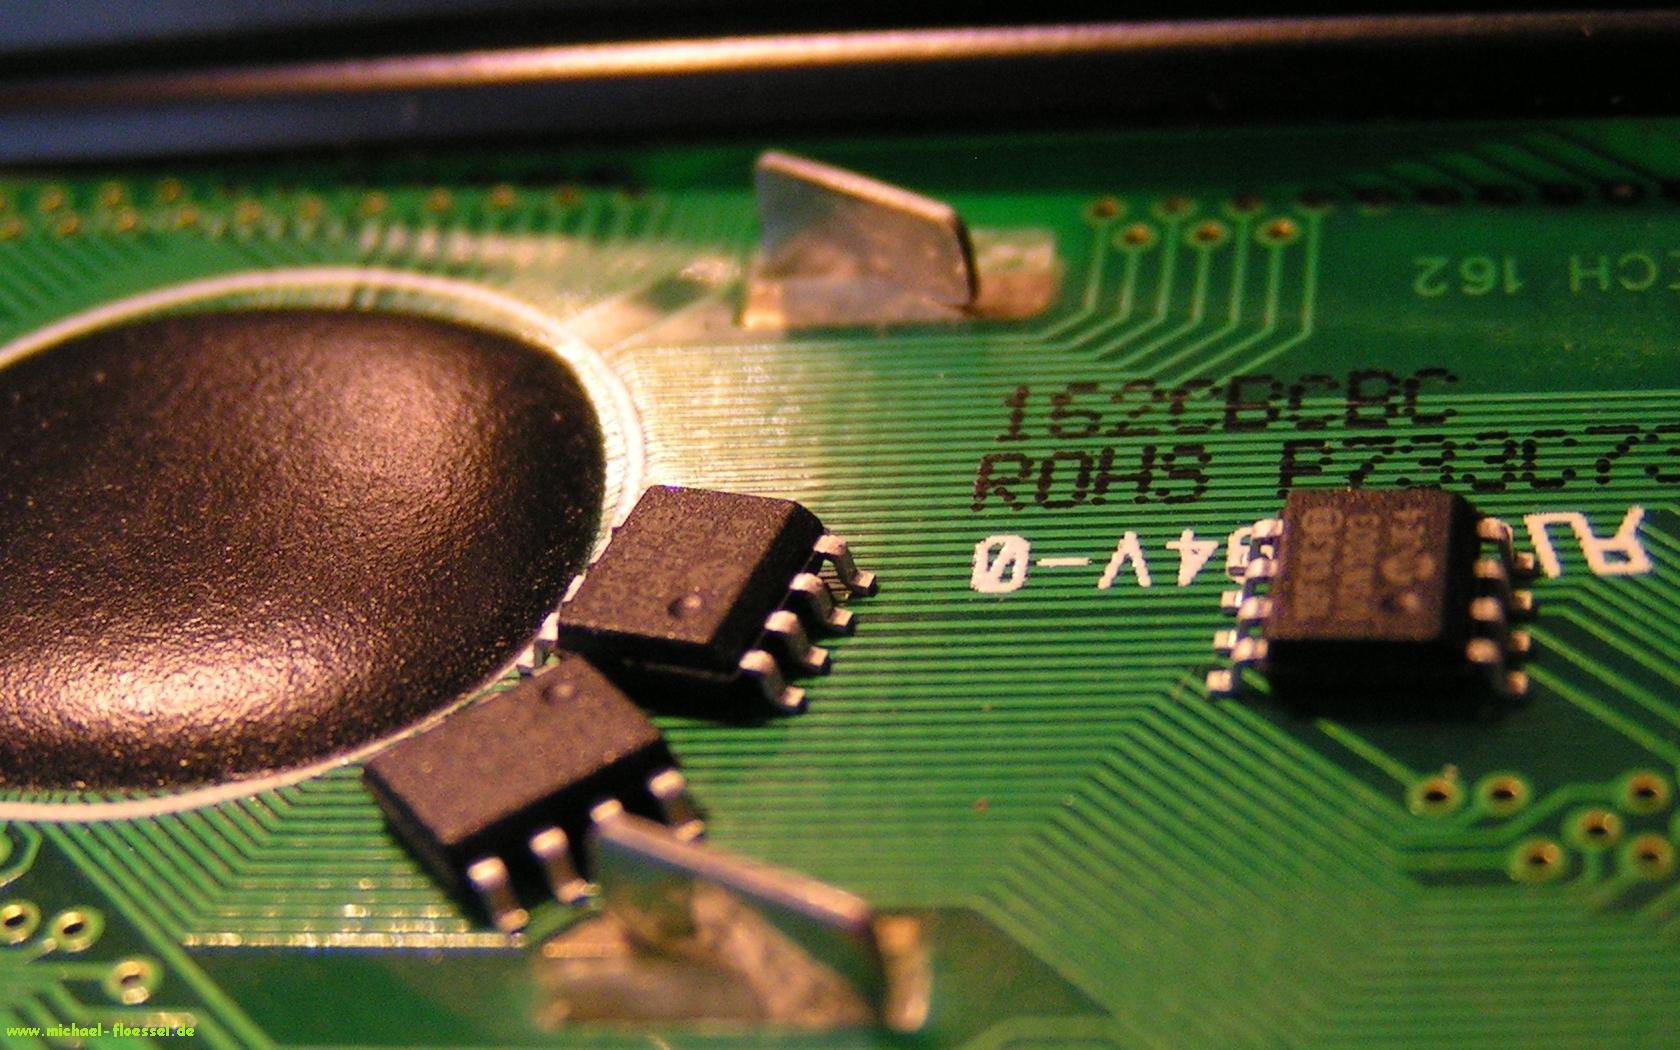 smdpics1680x1050